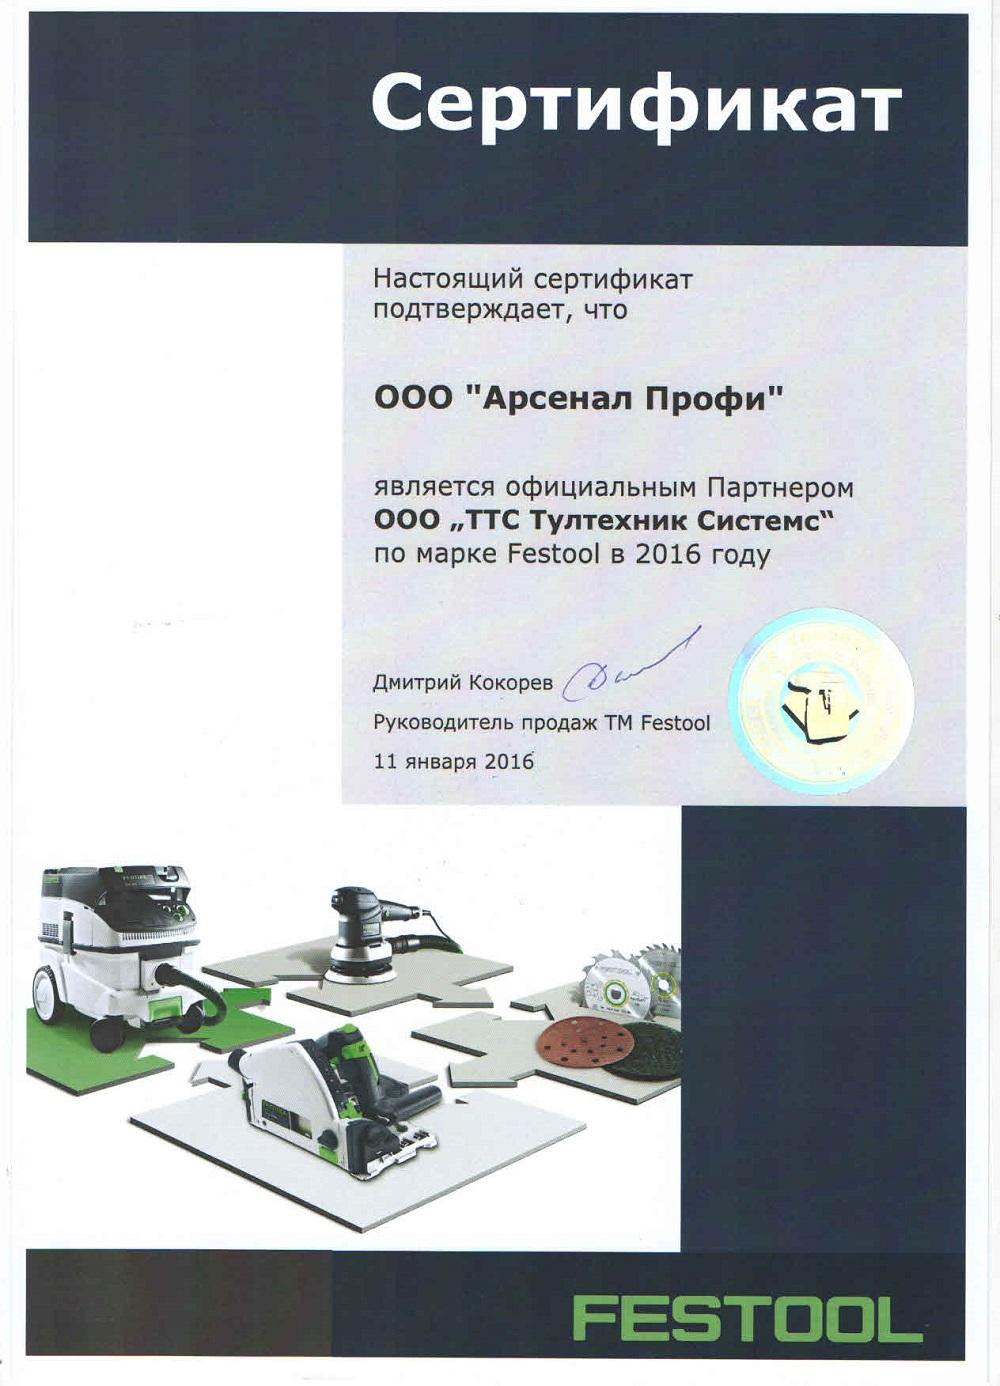 Сертификат фестул festool официальный партнер